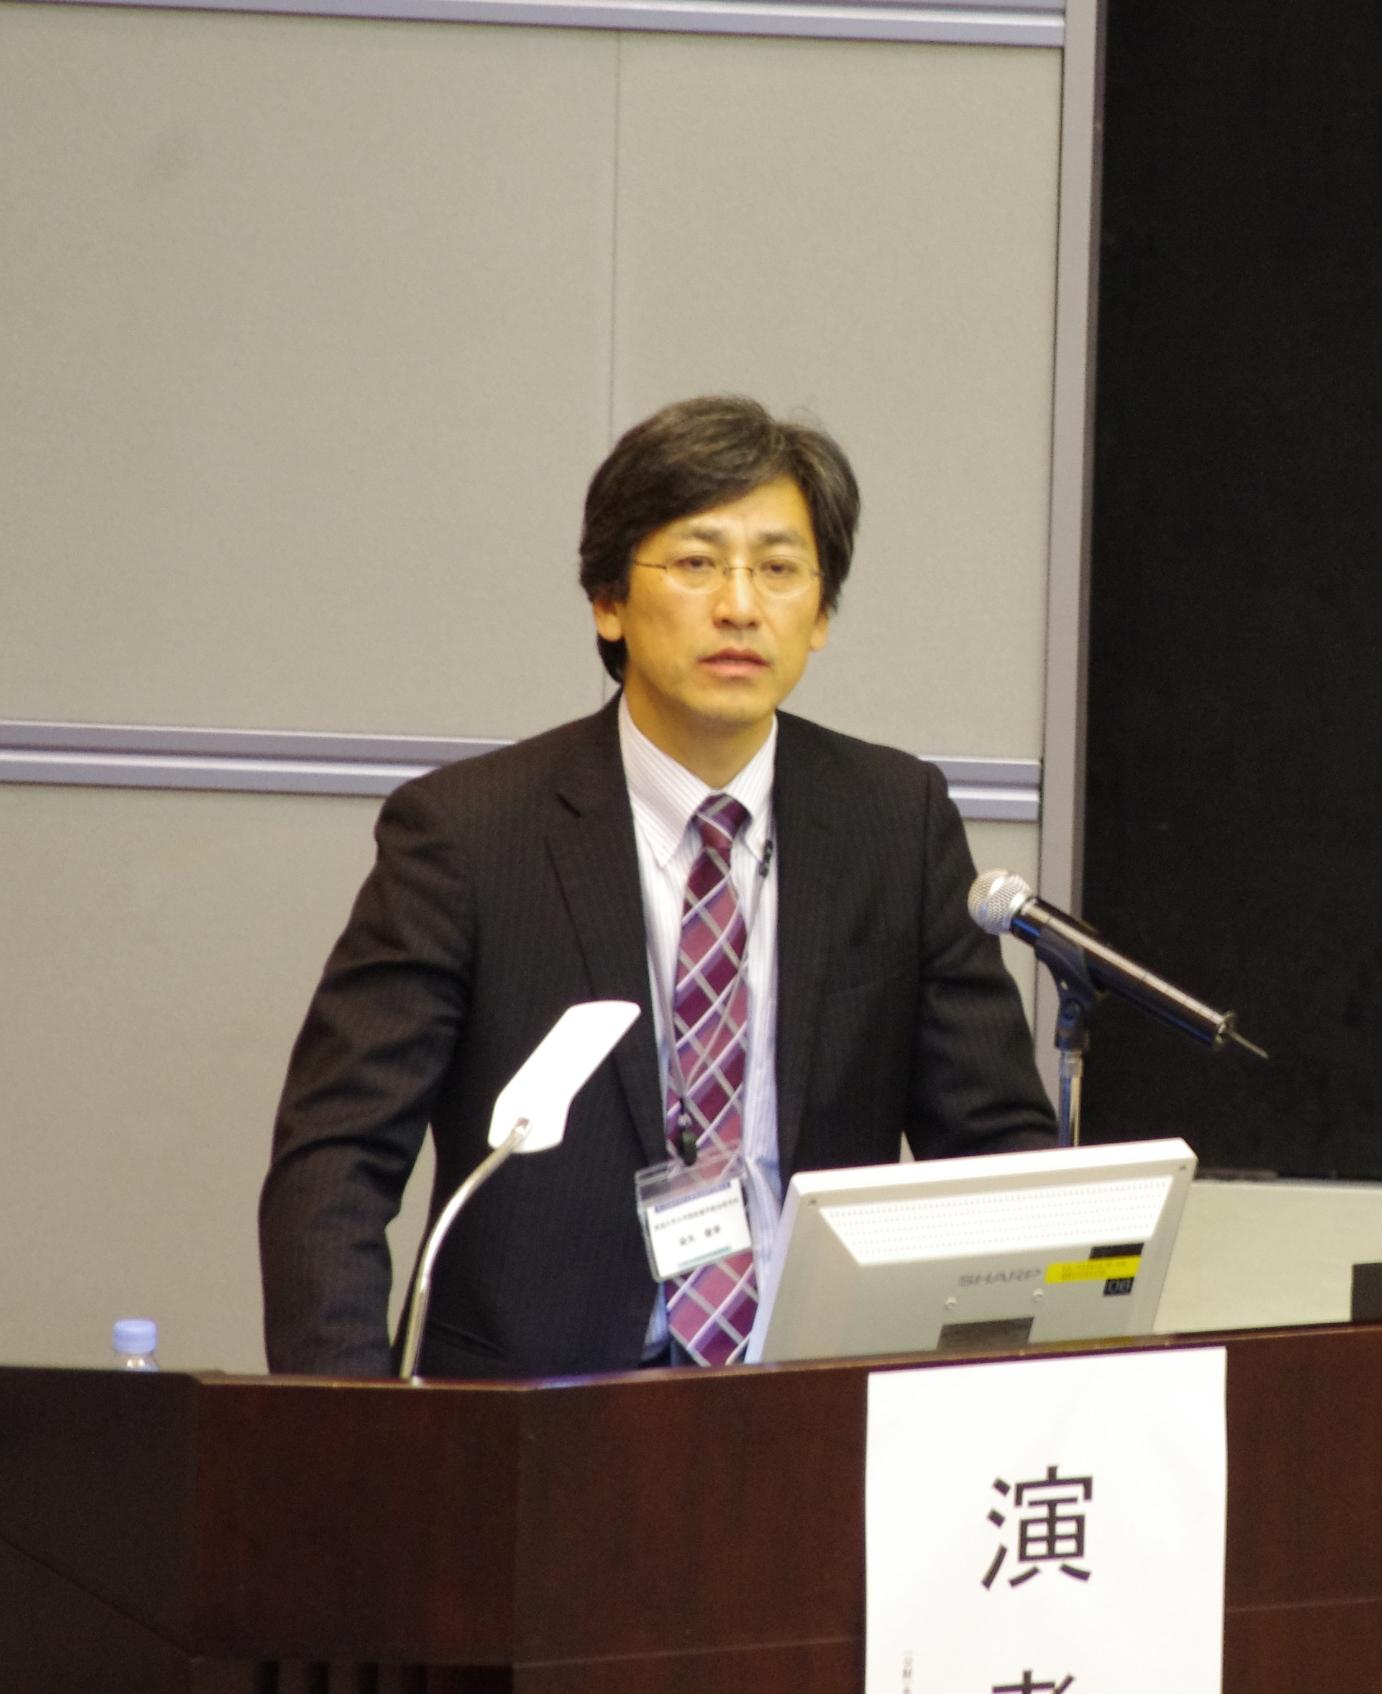 新潟大学染矢俊幸教授